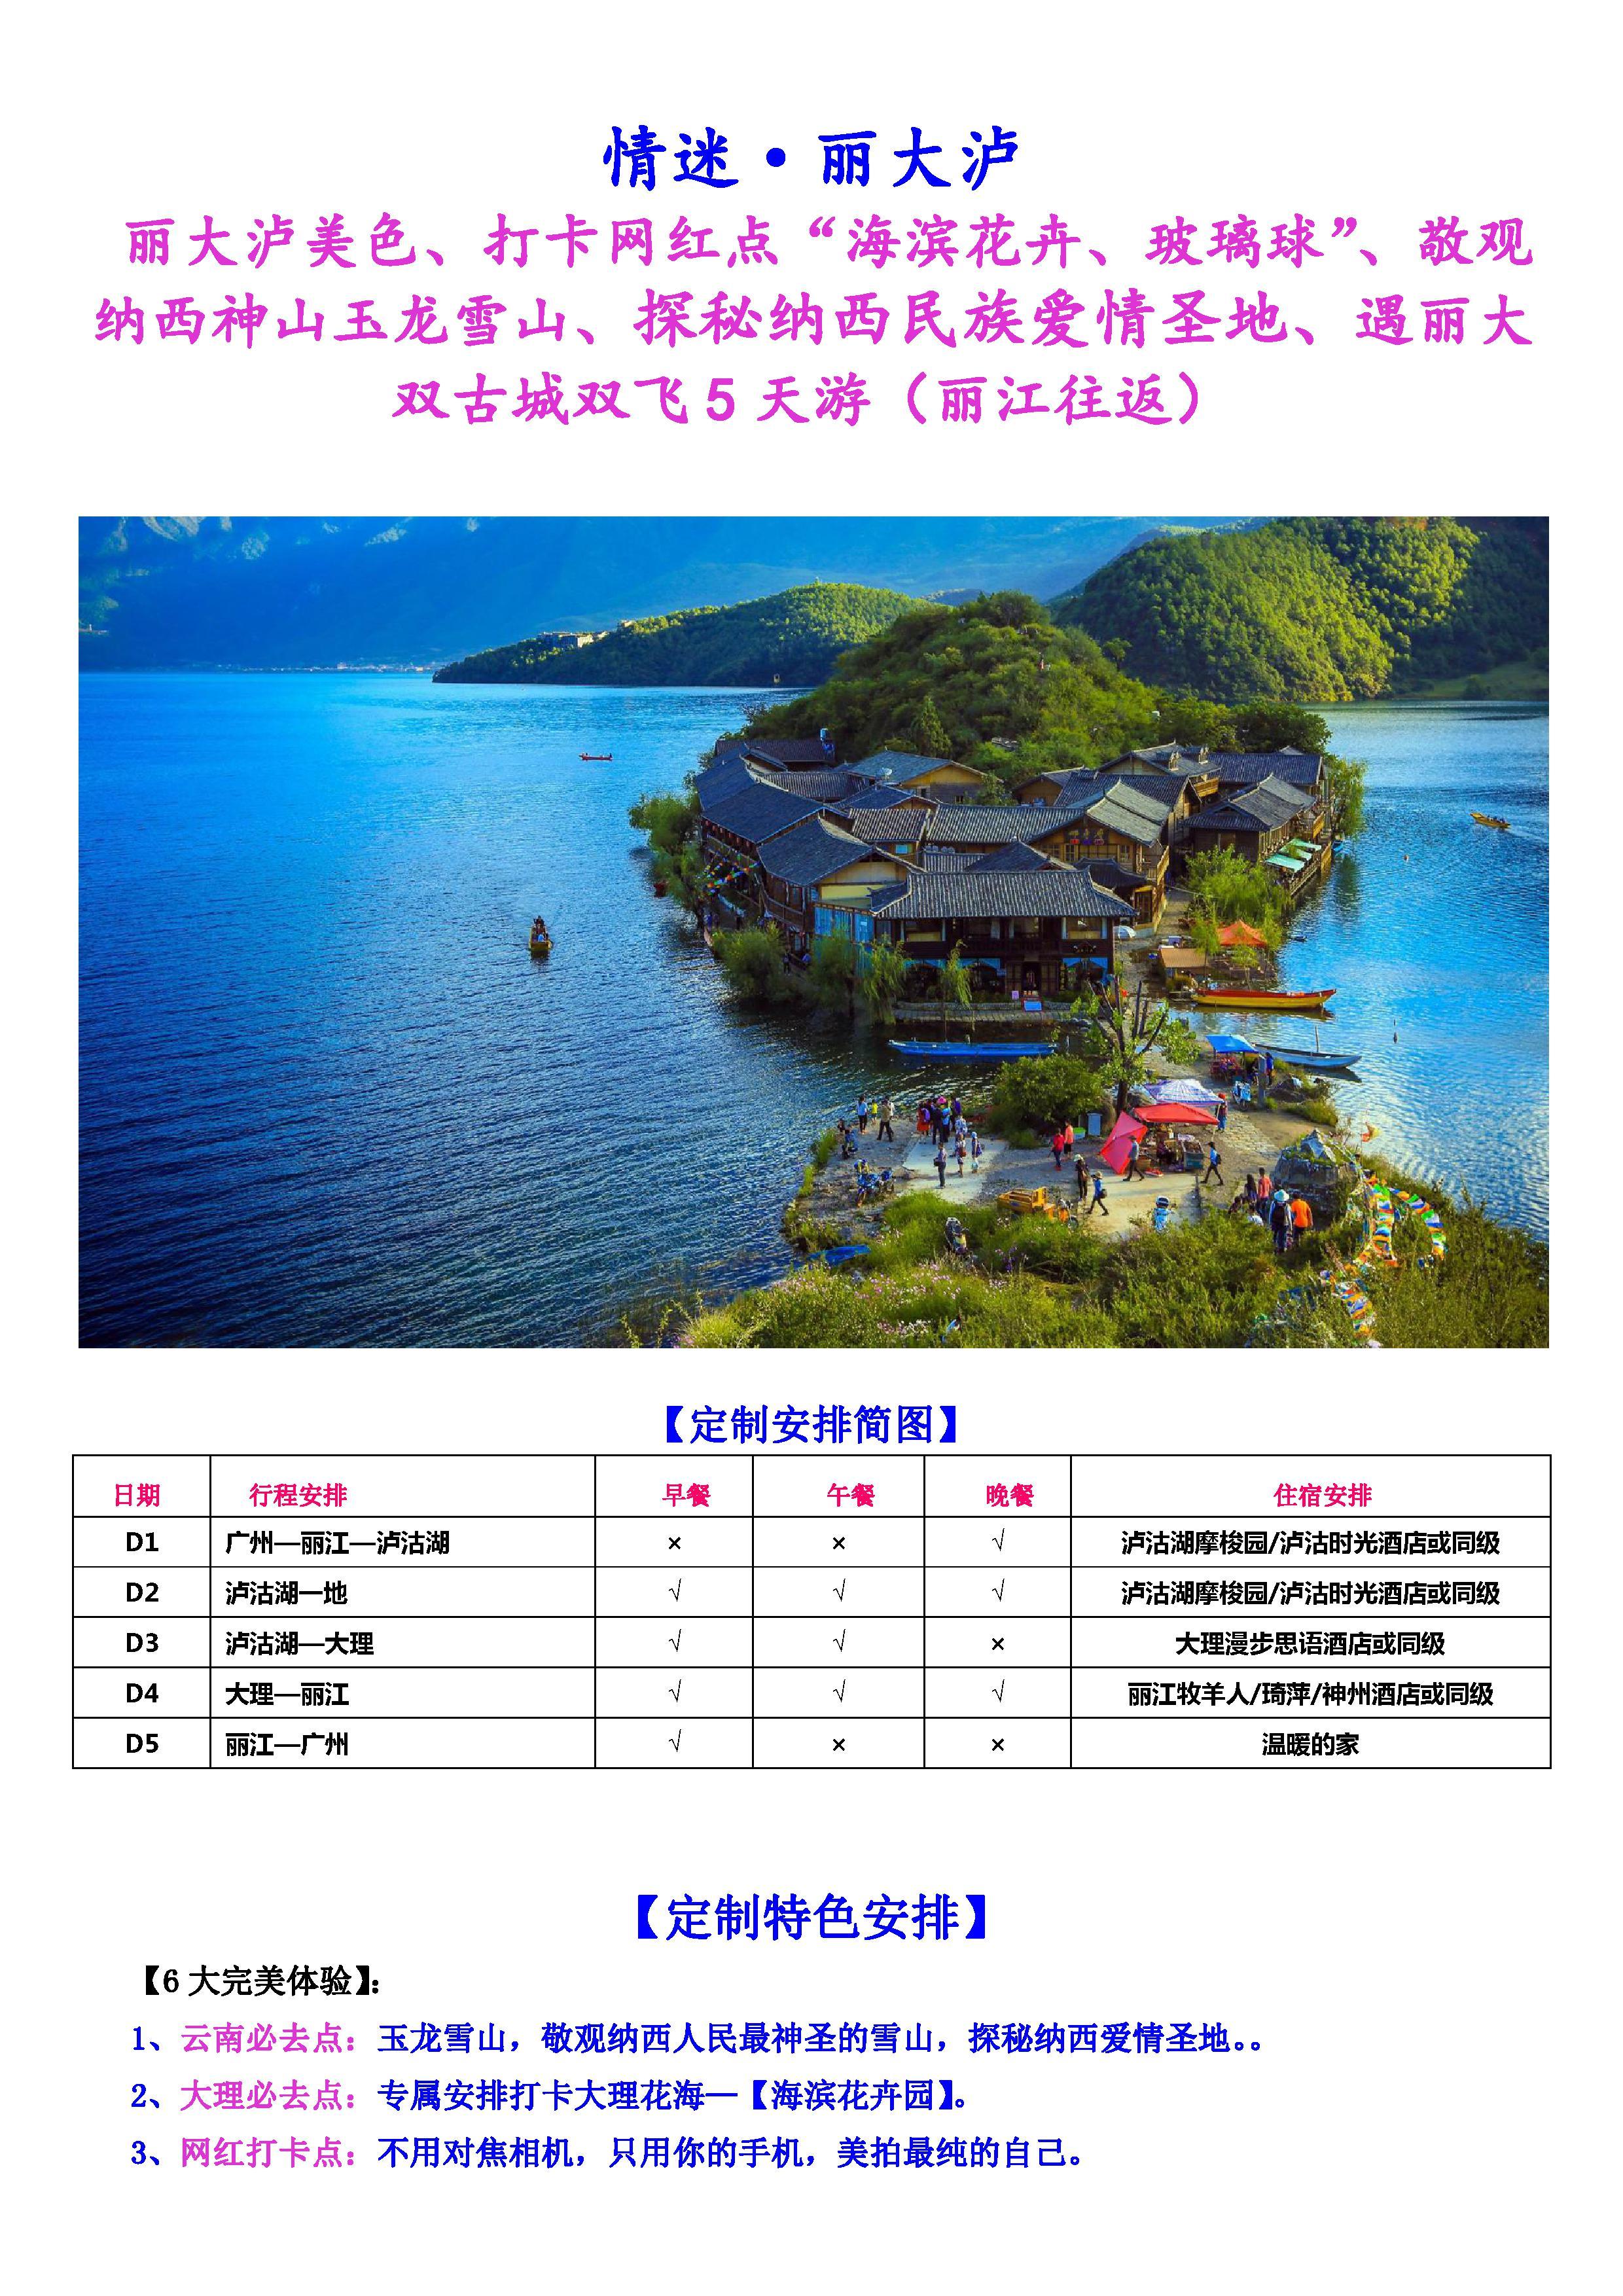 丽江泸沽湖大理双飞